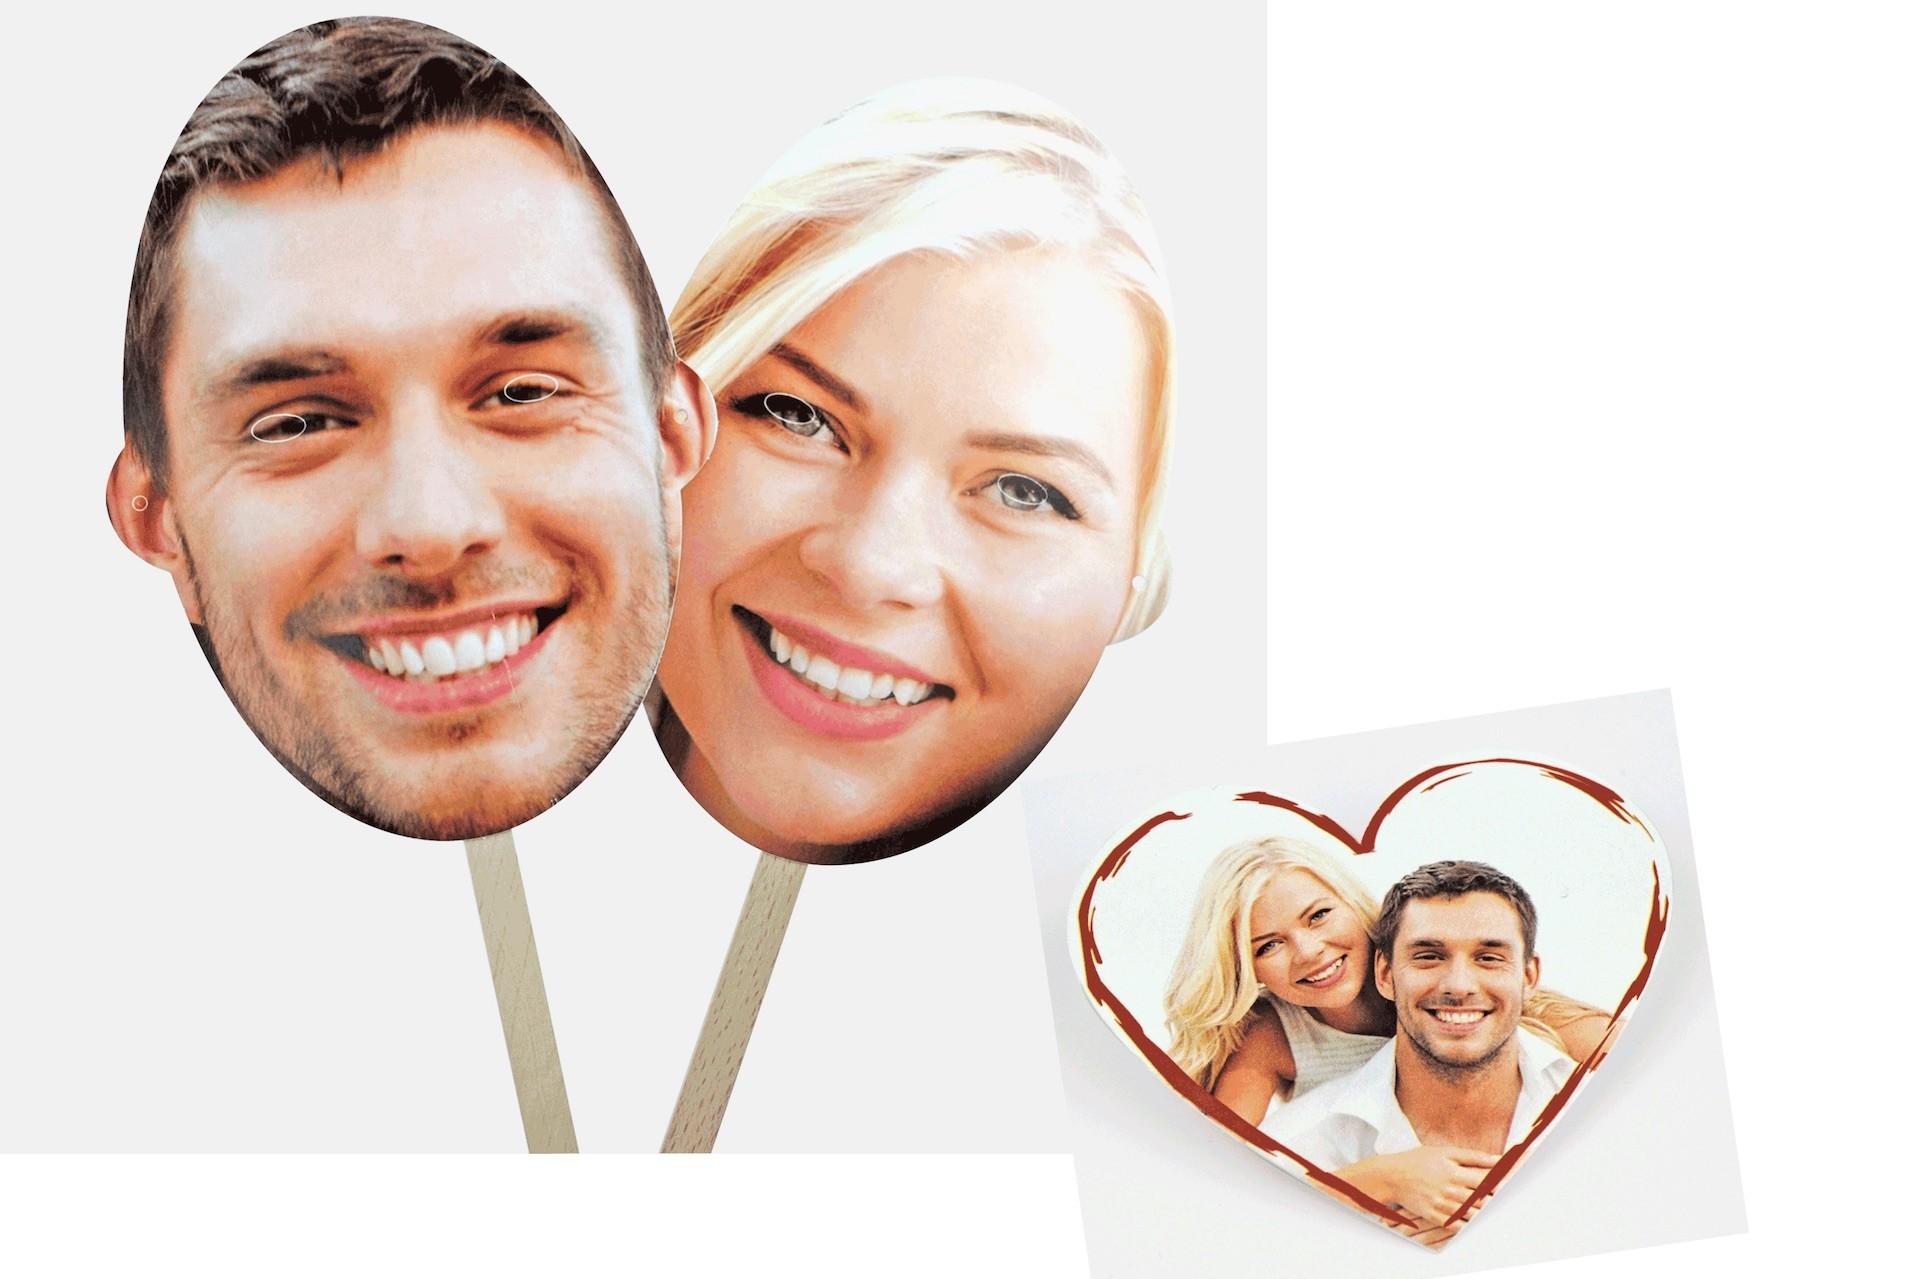 Witzige Fotomasken als berraschung frs Brautpaar